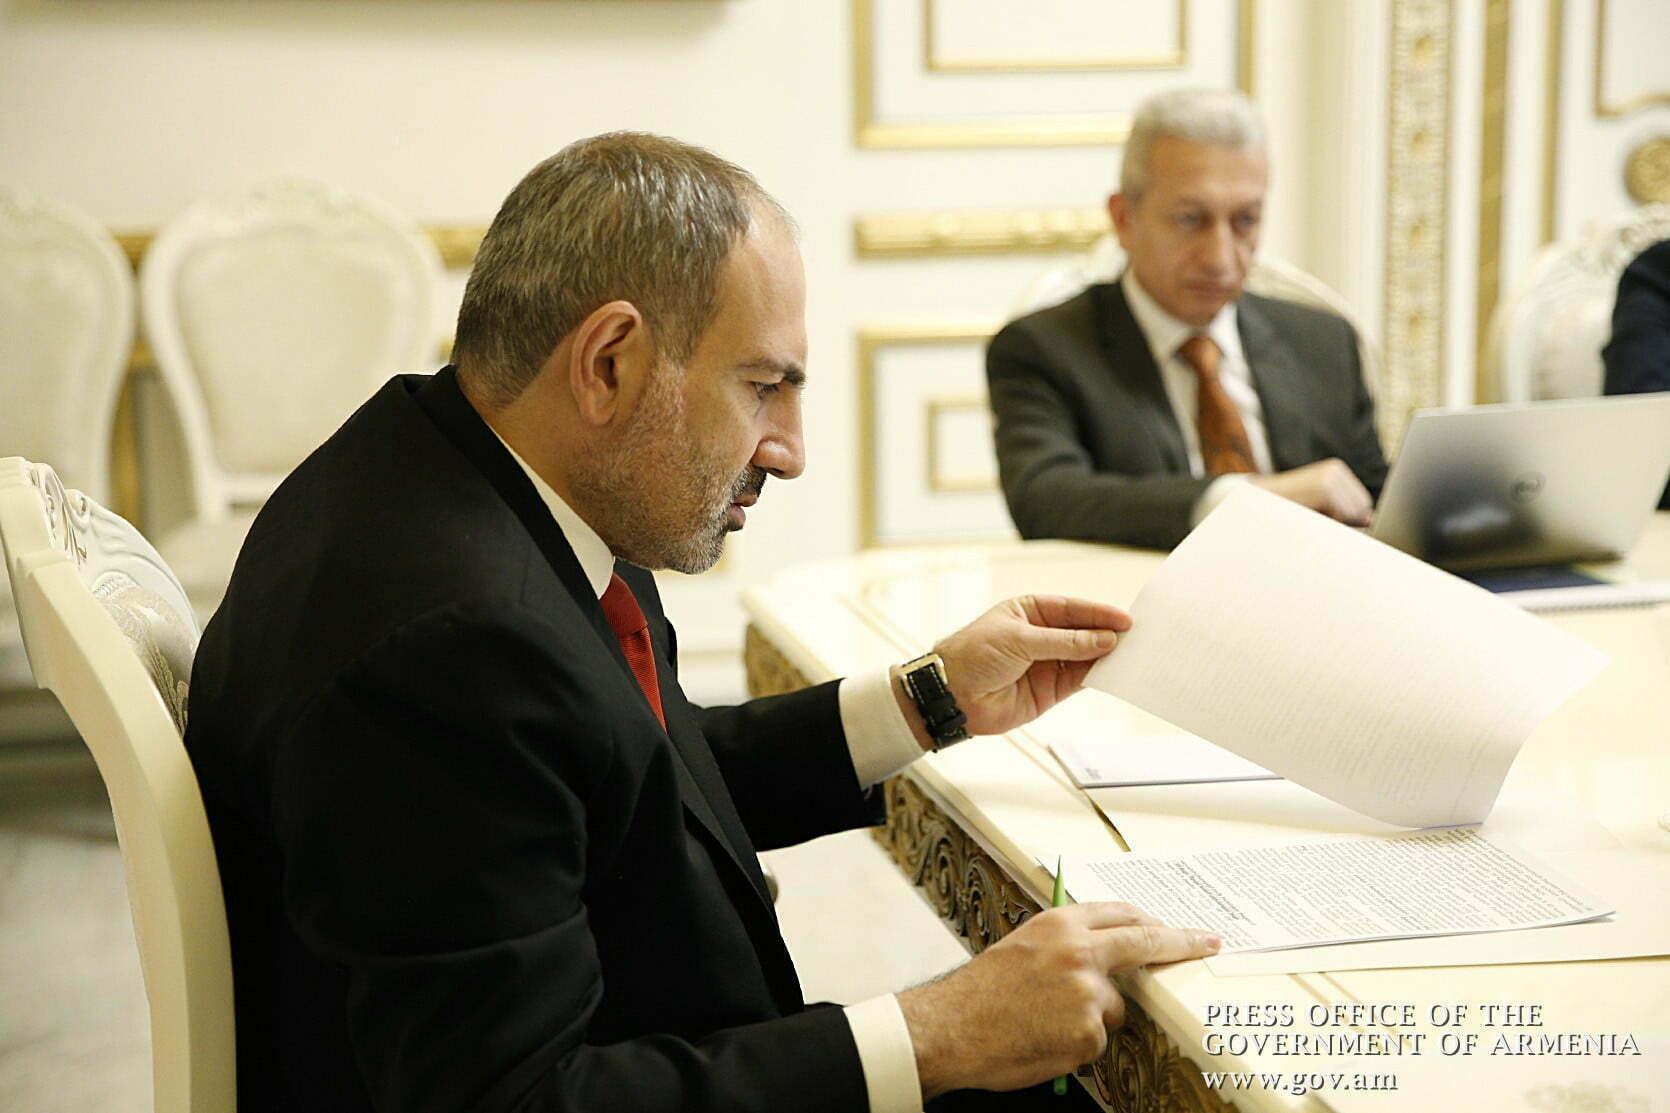 Շարունակվել են վարչապետի աշխատակազմի 2020 թ. ծրագրերի ու միջոցառումների վերաբերյալ քննարկումները